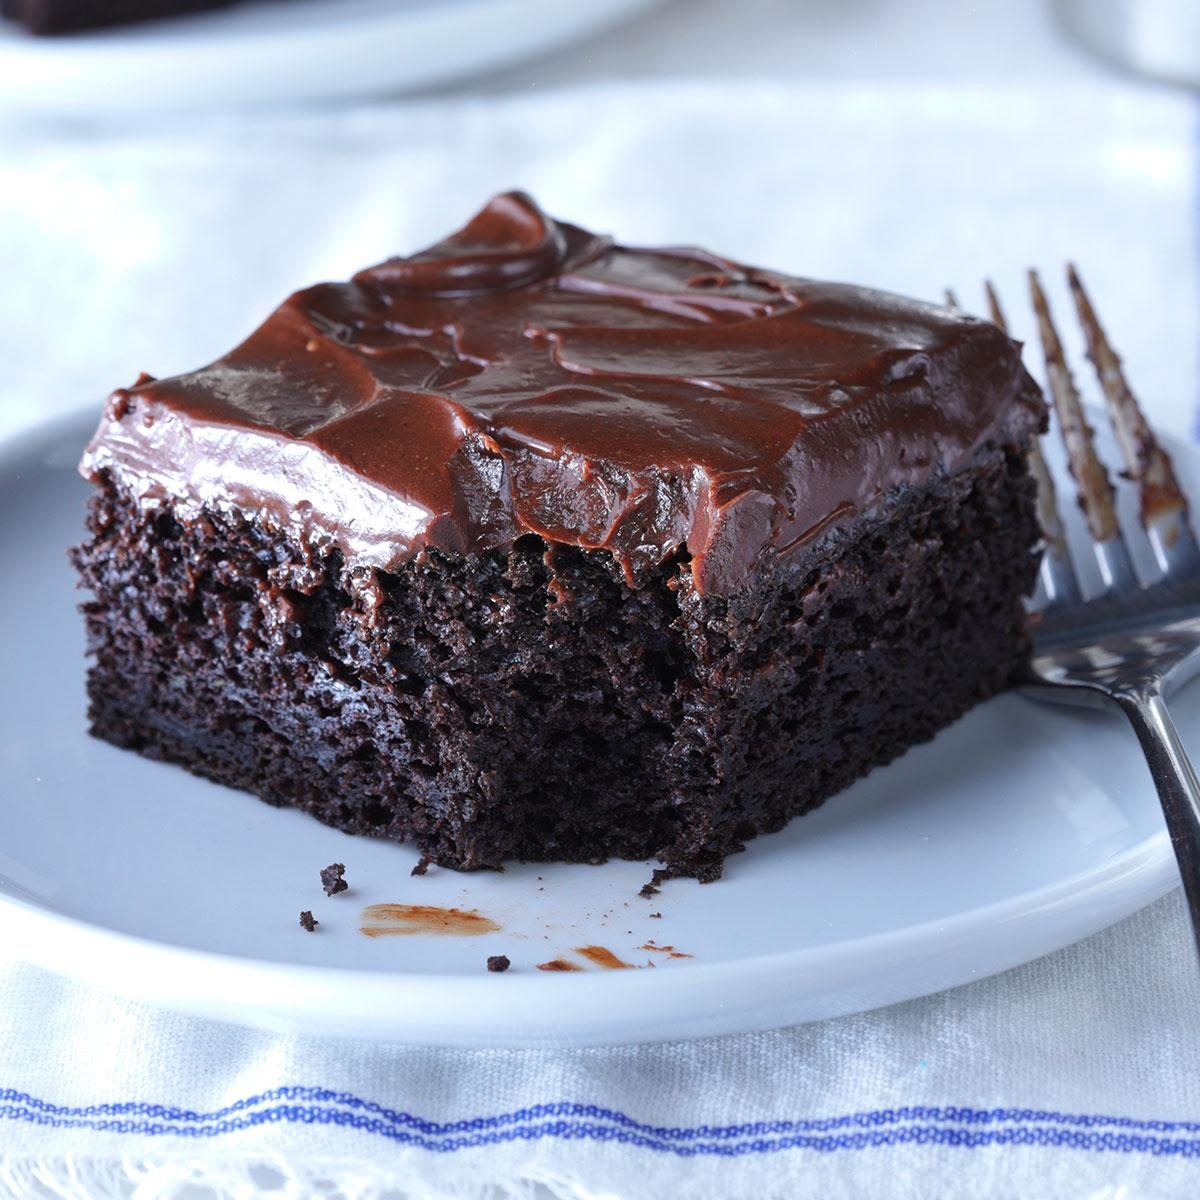 Sue's Chocolate Zucchini Cake